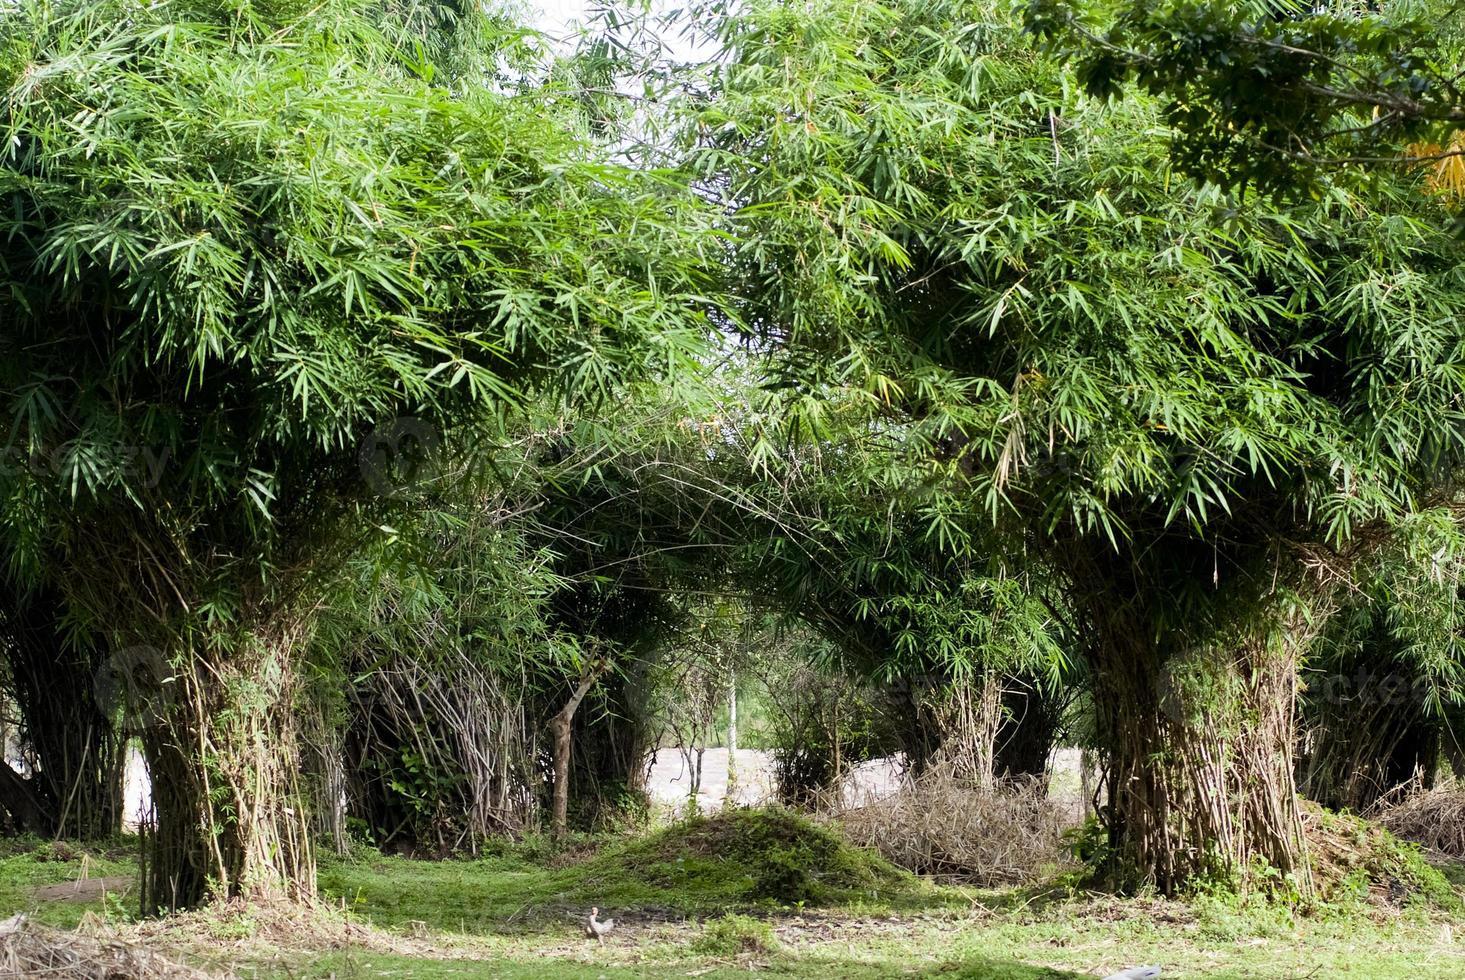 bosquet de bambous photo